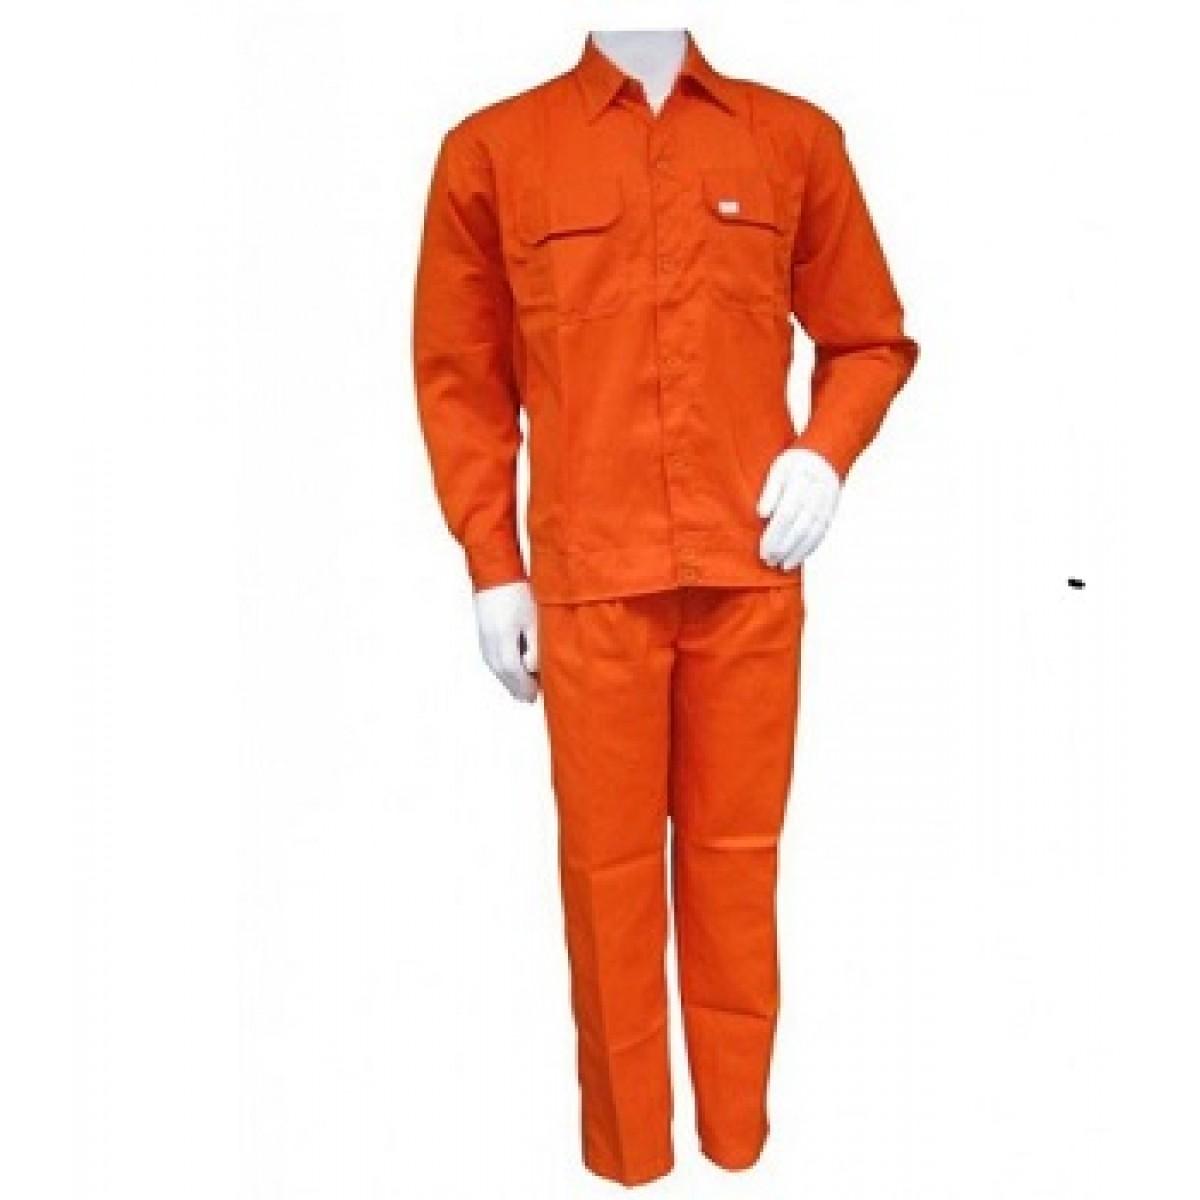 Quần áo bảo hộ lao động Kaky màu cam